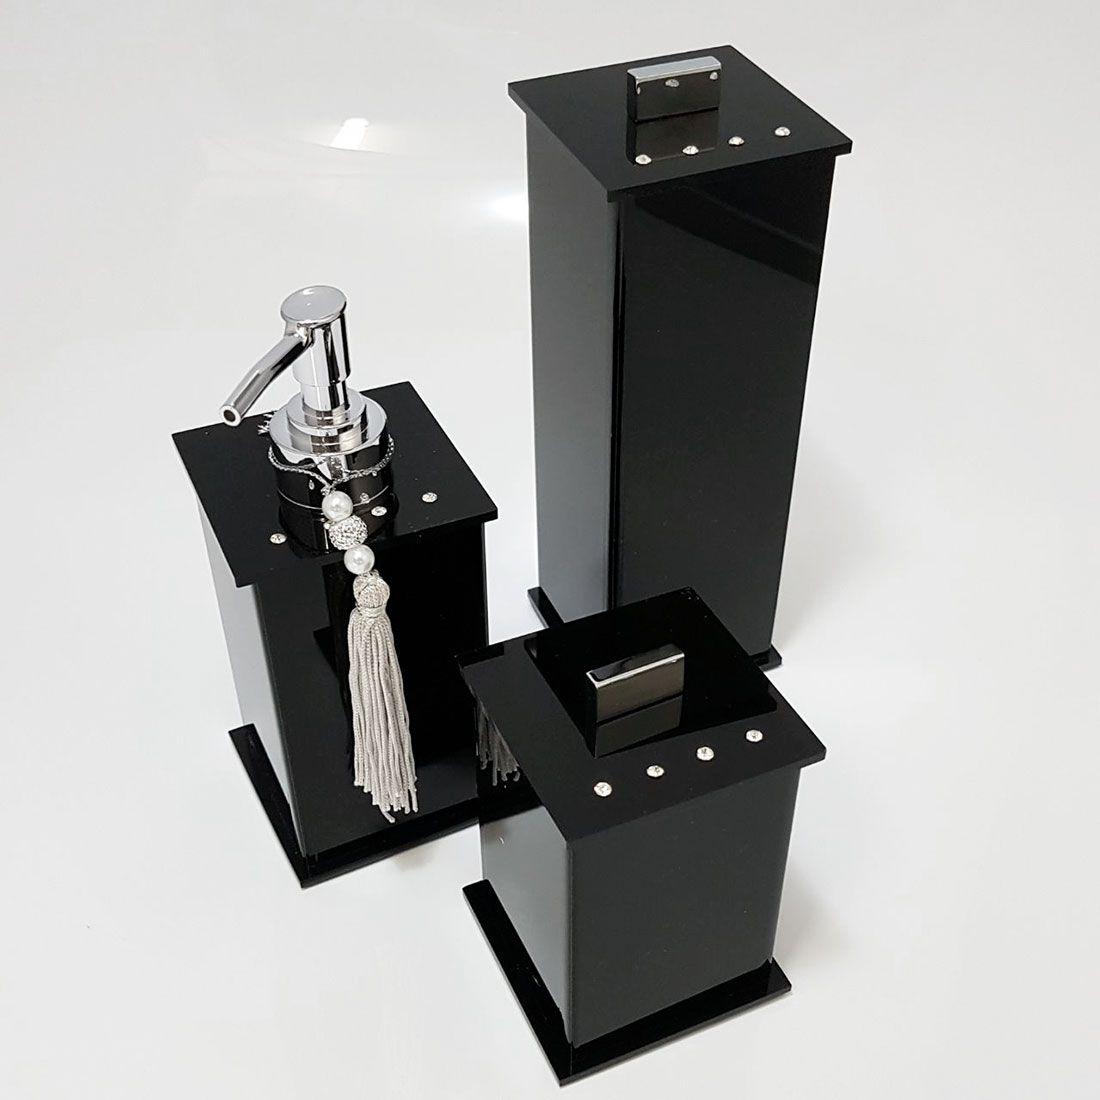 Kit Elegance Cristal com 3 Potes e Bandeja para Bancadas de Banheiros e Lavabos